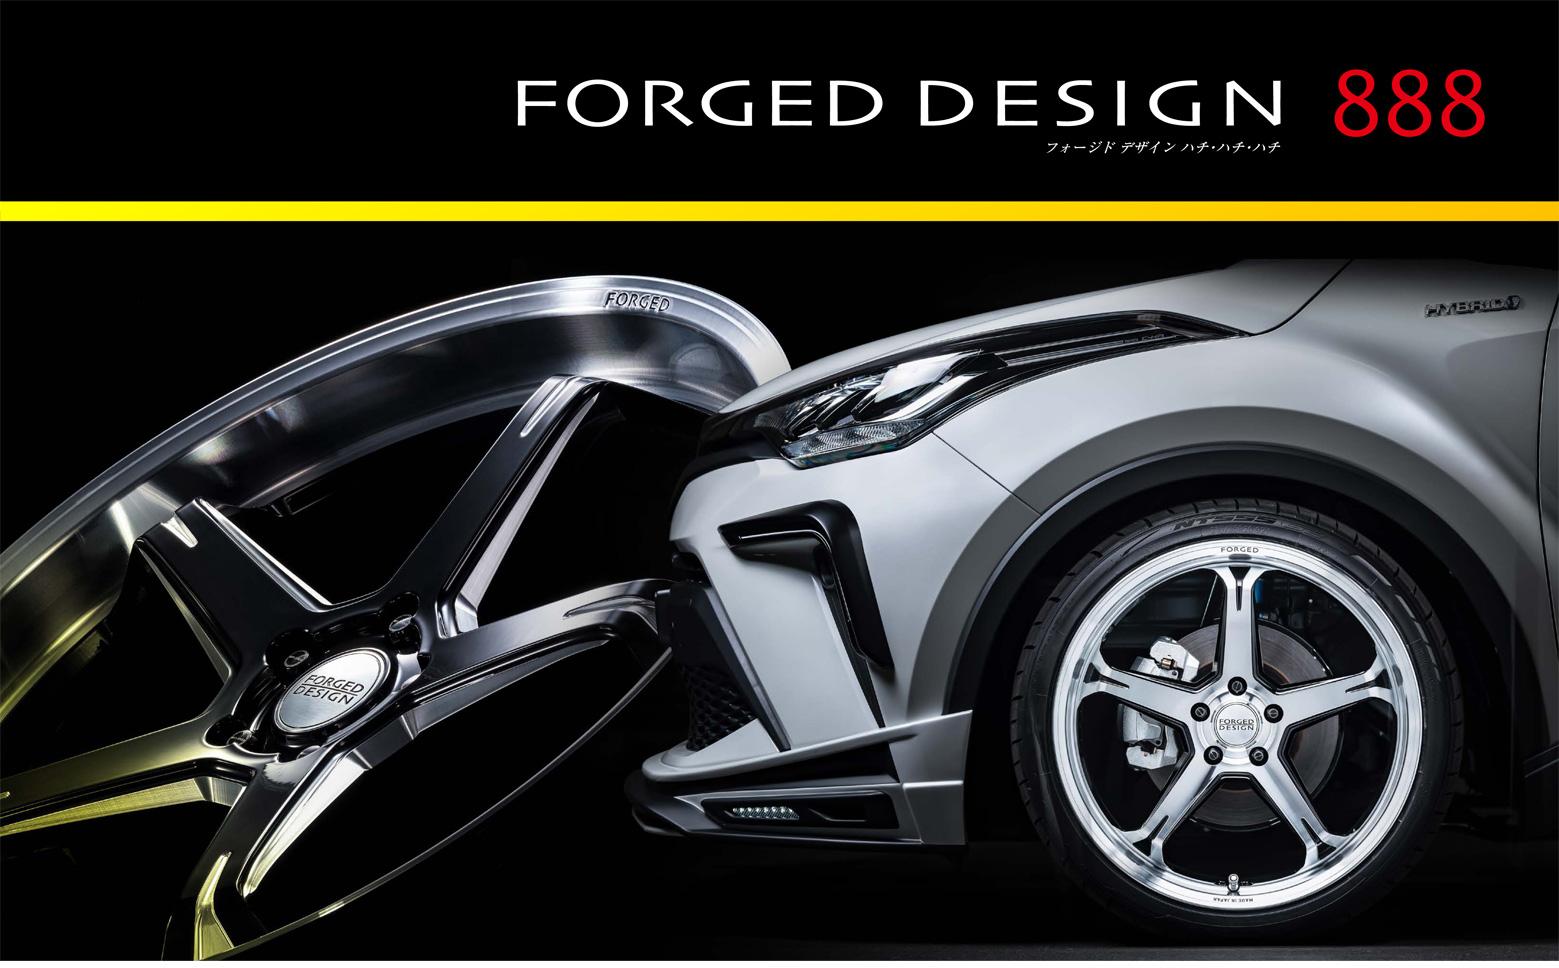 FORGED DESIGN 888 フォージド デザイン ハチ・ハチ・ハチ